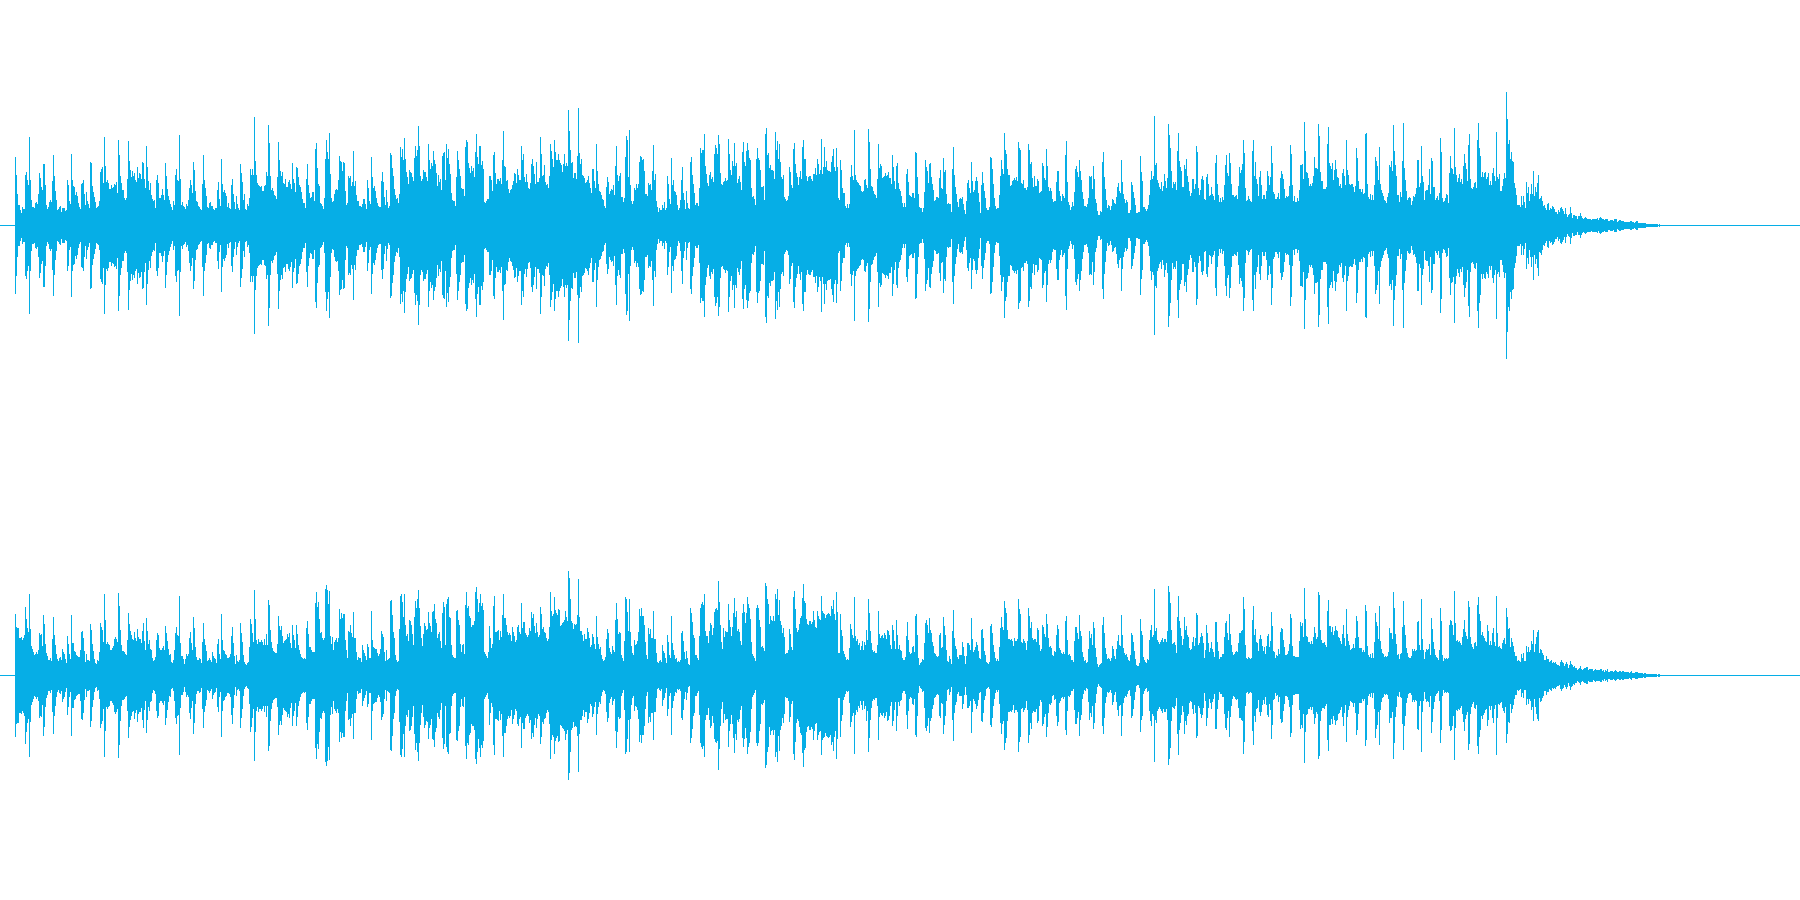 コマーシャルソング風コミカルサウンドの再生済みの波形